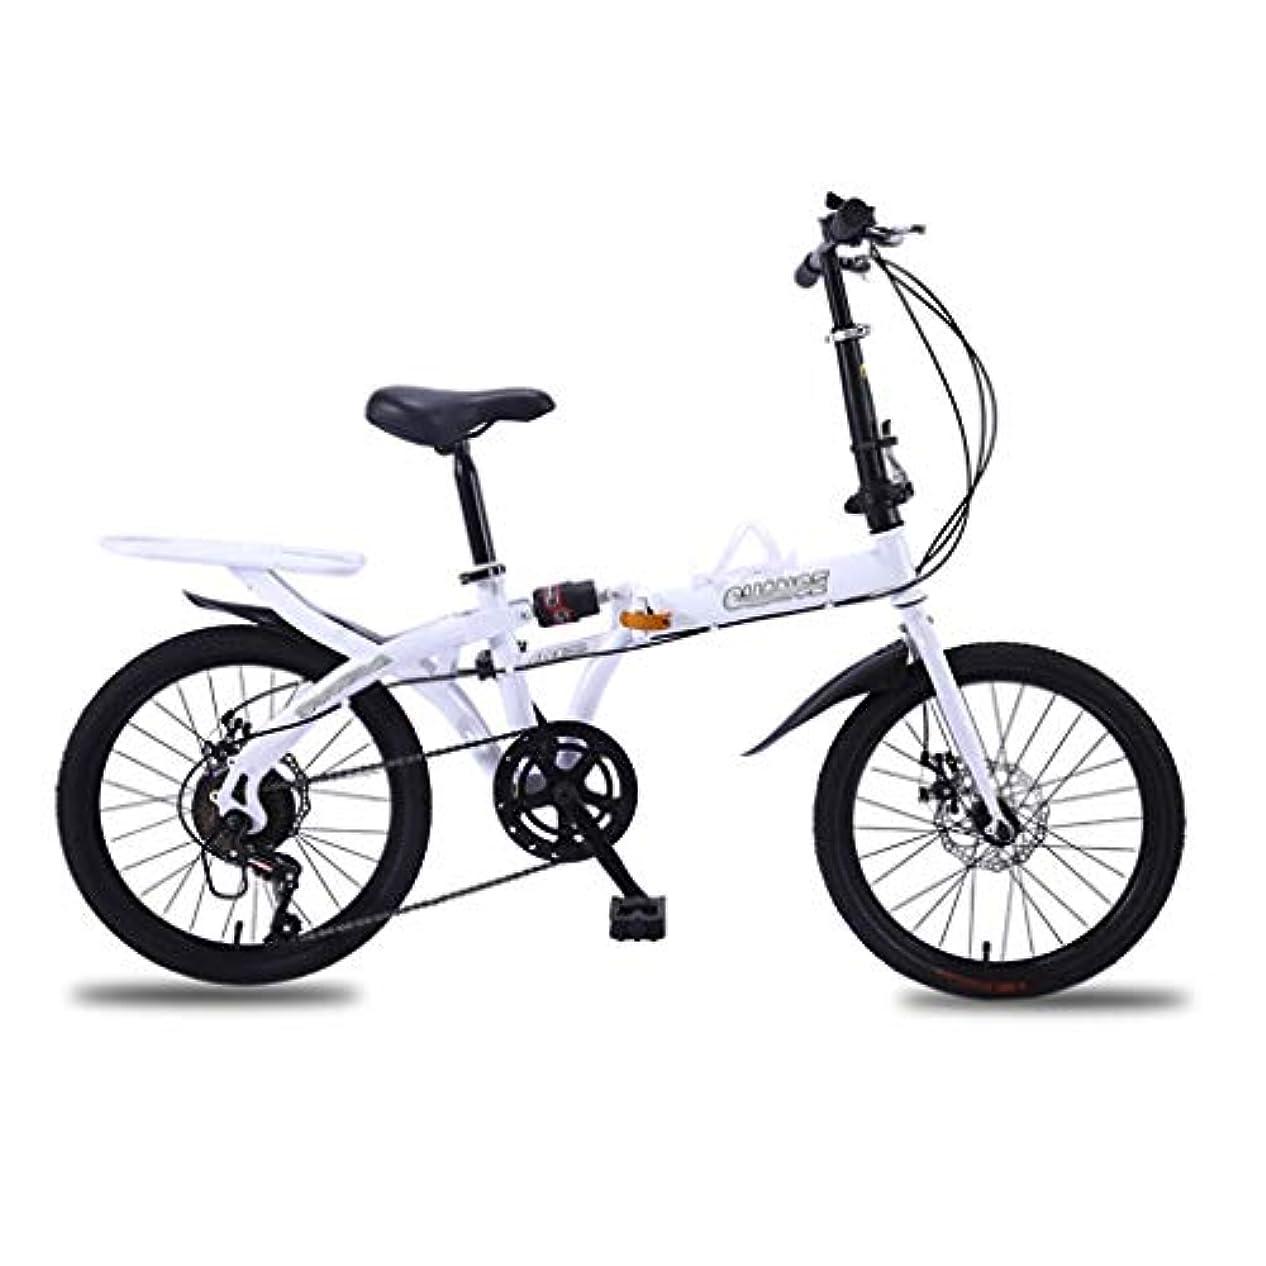 在庫高音偽装する16/20インチのダブル折り畳み式自転車インストールフリー、可変速、衝撃吸収、ダブルディスクブレーキ、大人学生、男性と女性、ライト自転車、ホワイト、ブラック、レッド (Color : White, Size : 16 inches)